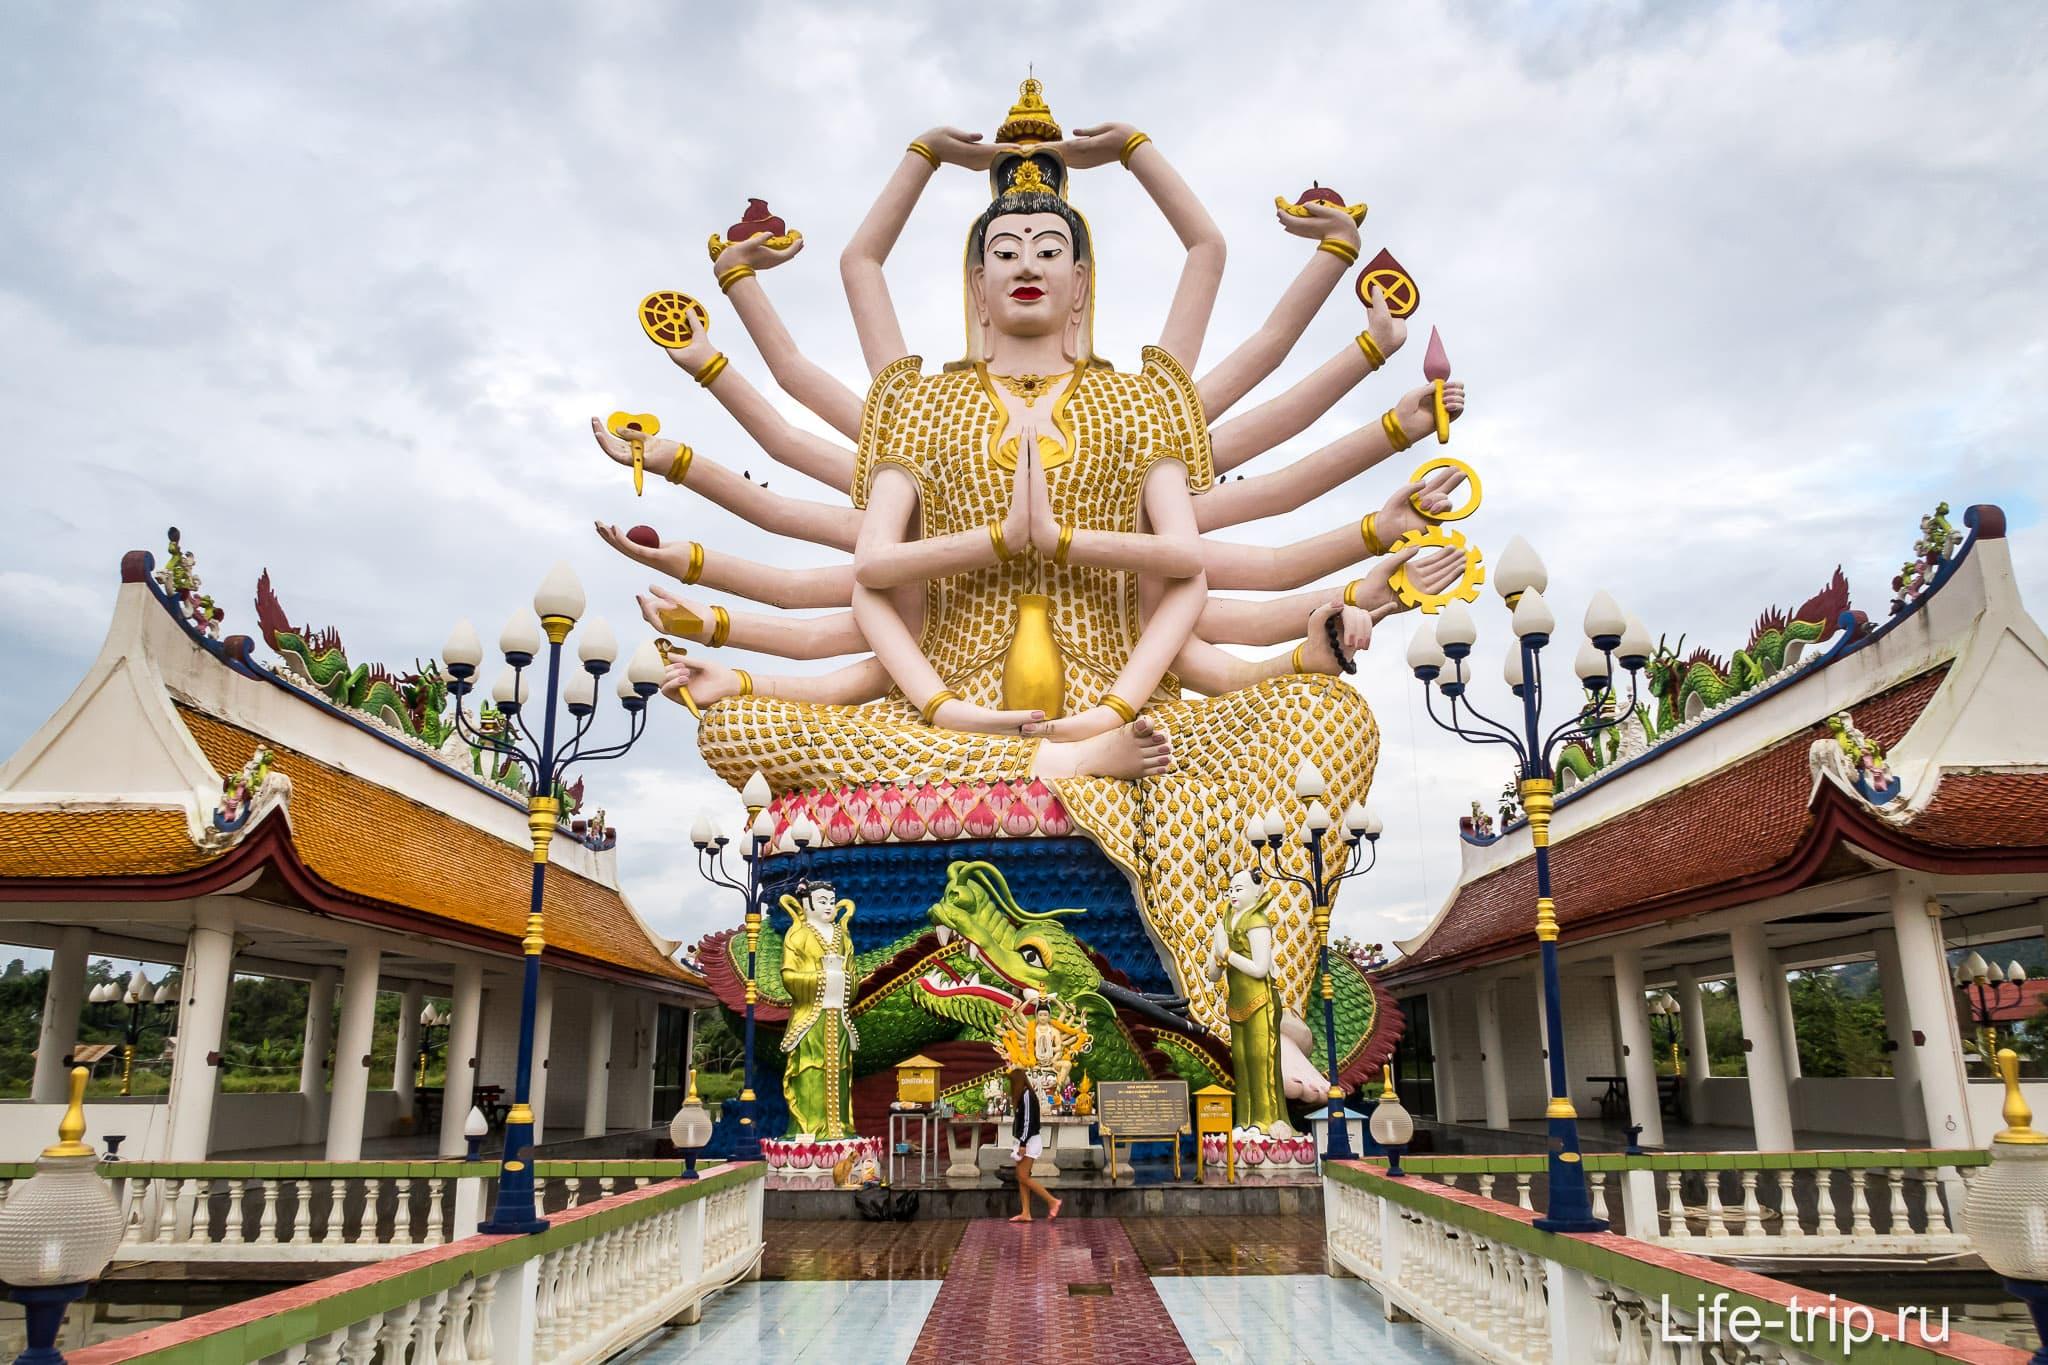 Это не Будда и не Шива. Это китайская богиня многорукая Гуань Инь